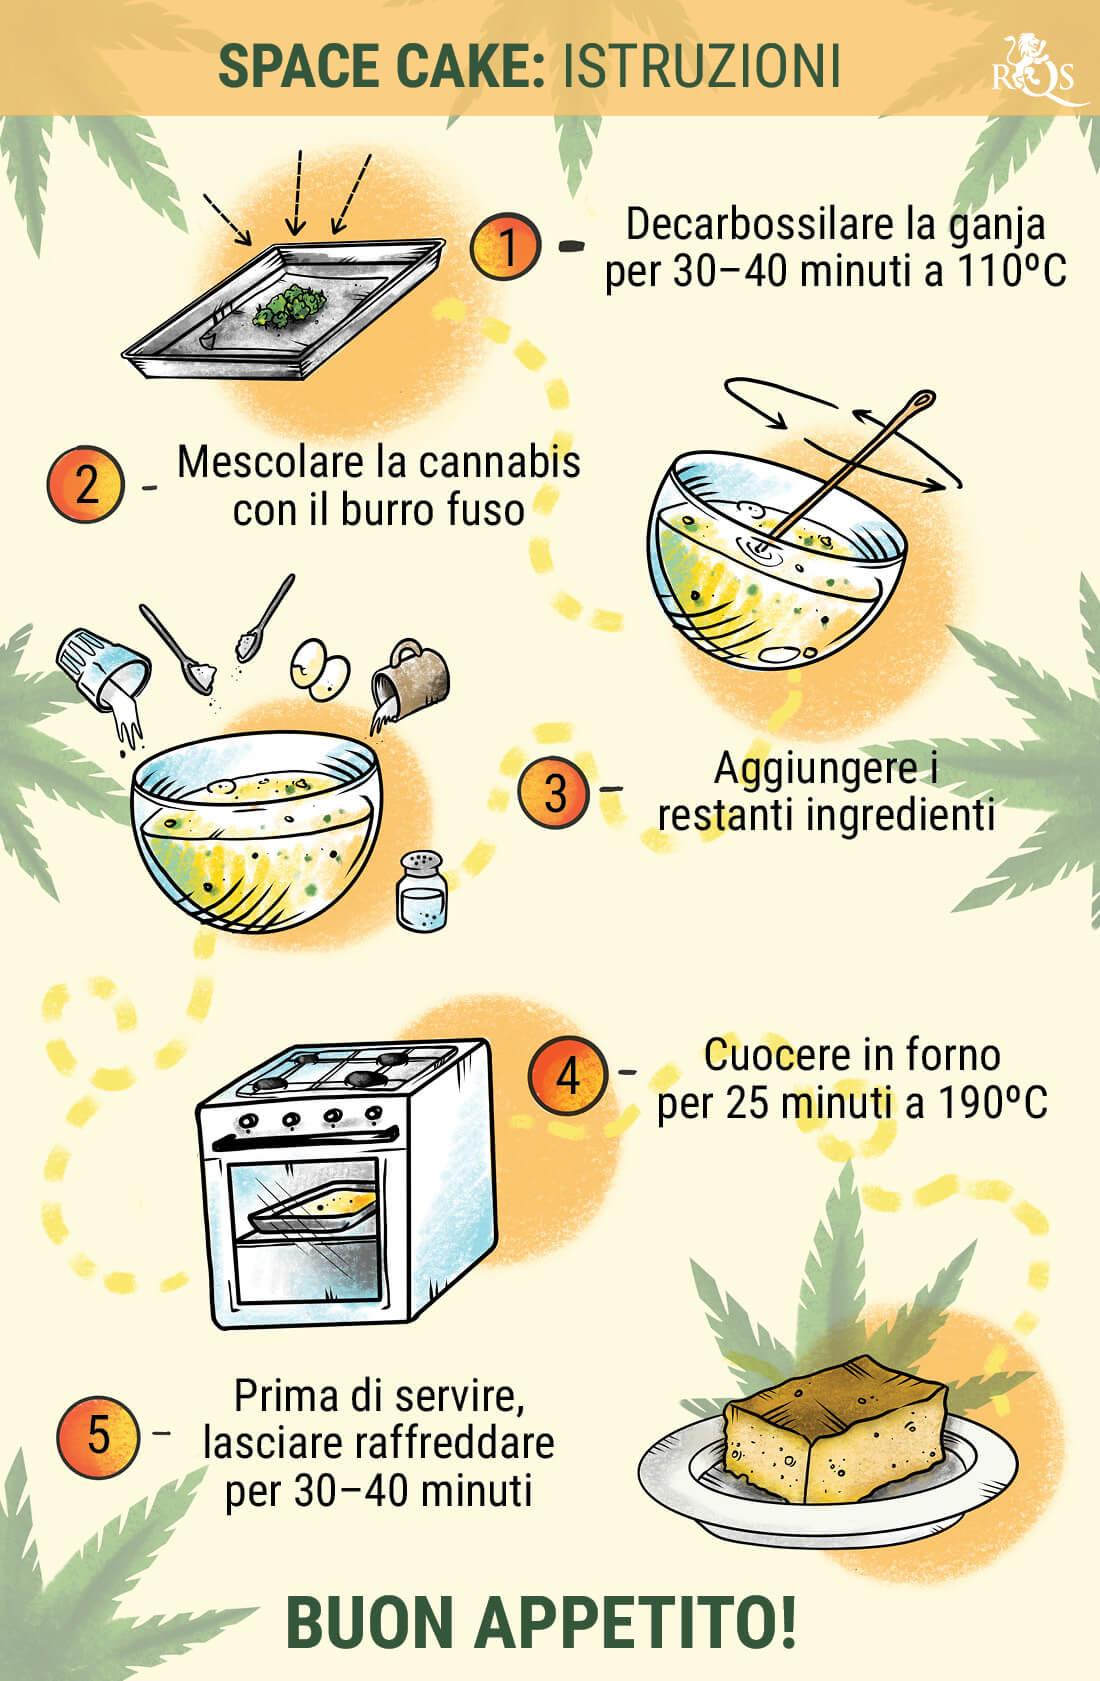 Ricetta Biscotti Hashish.Come Preparare La Migliore Space Cake La Piu Buona Ricetta Alla Cannabis Rqs Blog